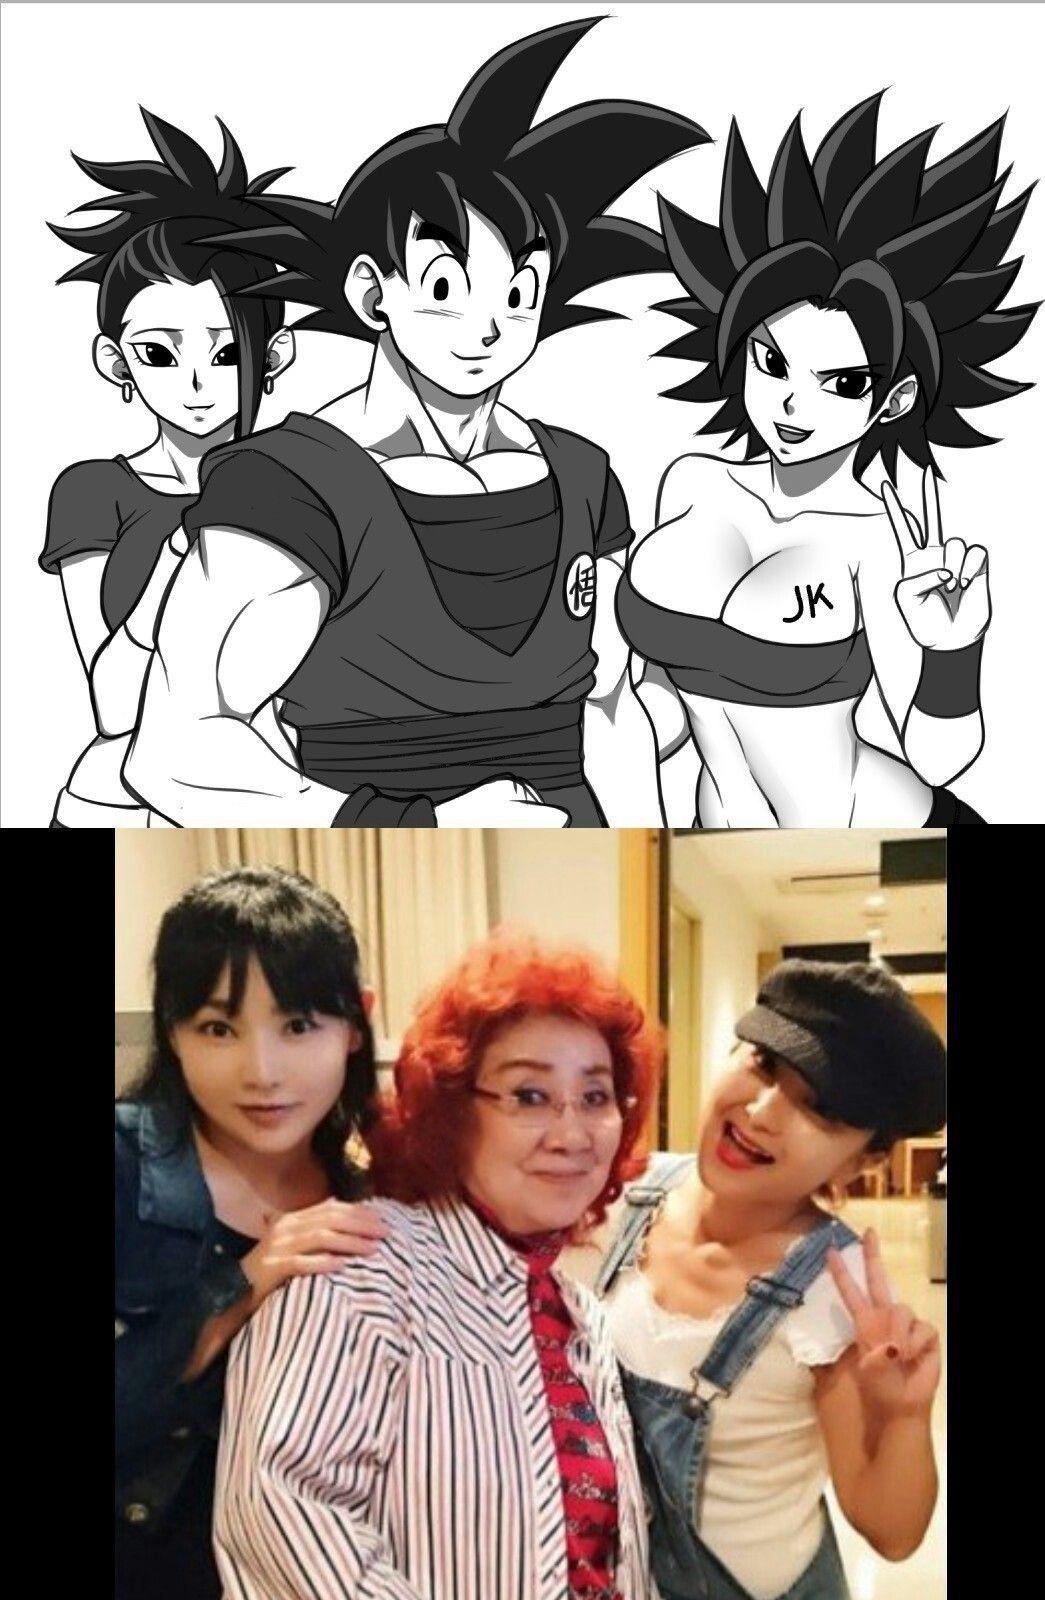 Pin By Erikk Zenteno On Dragon Ball Anime Dragon Ball Super Dragon Ball Artwork Anime Dragon Ball